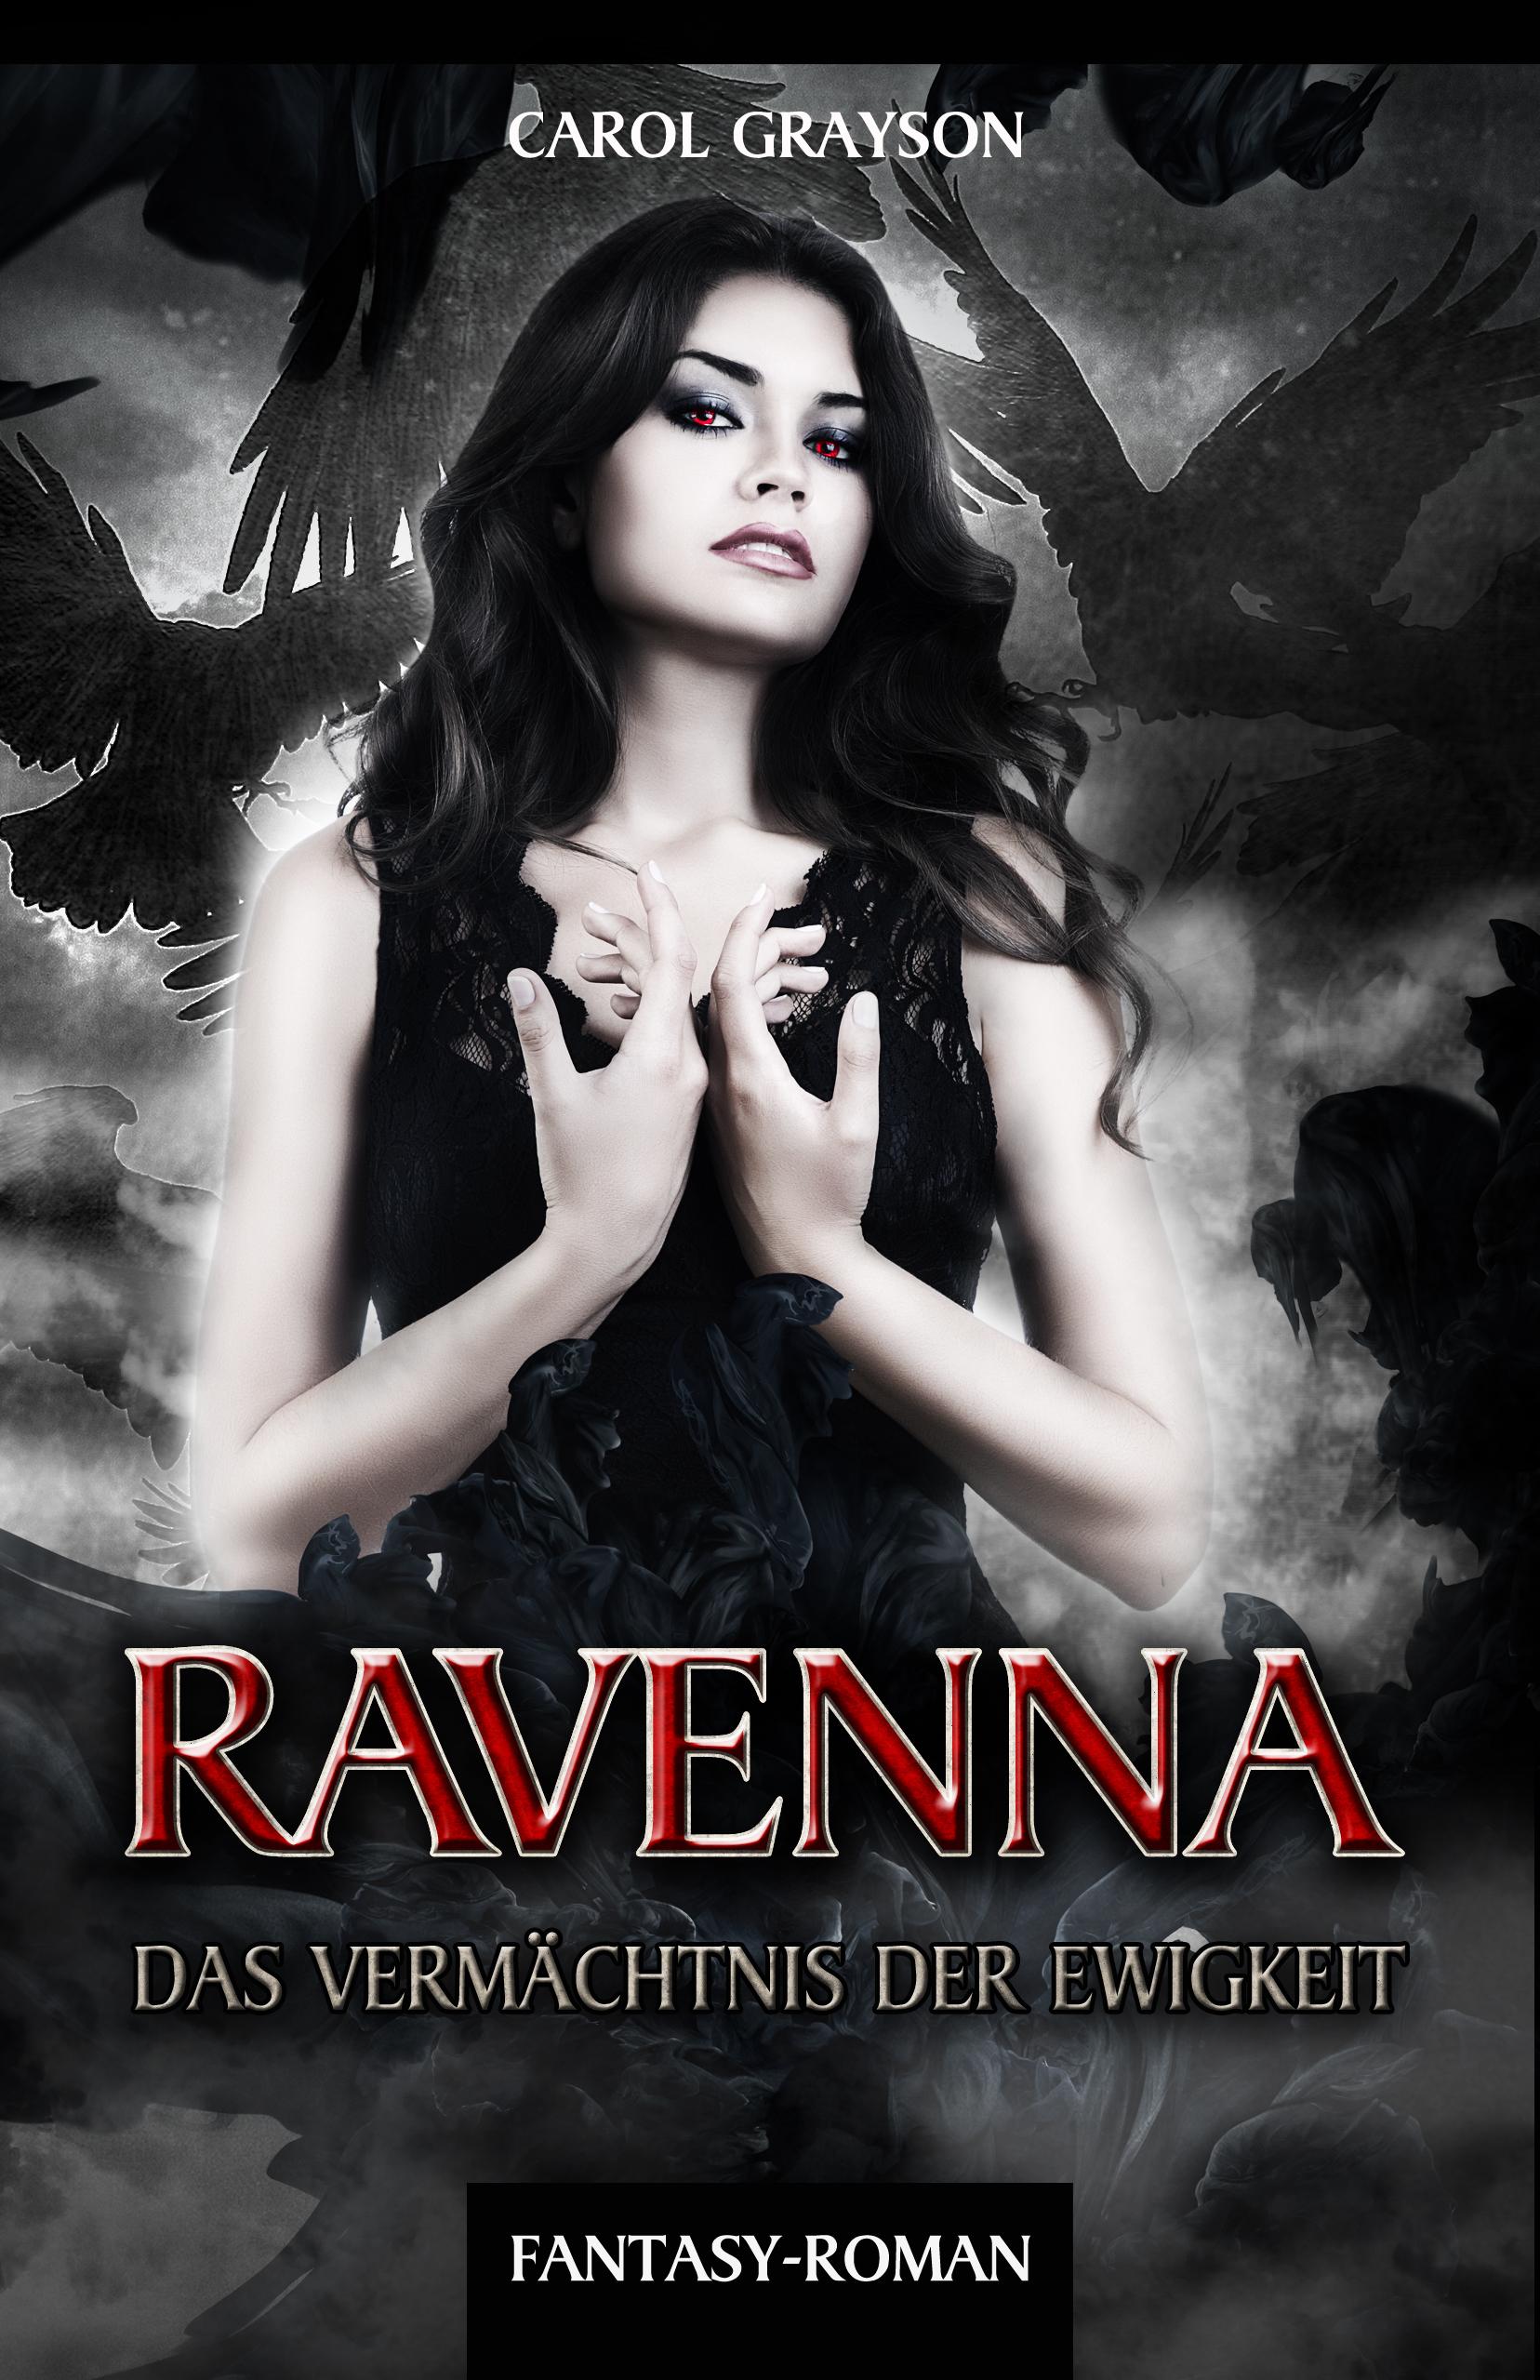 Carol Grayson – Ravenna: Das Vermächtnis der Ewigkeit